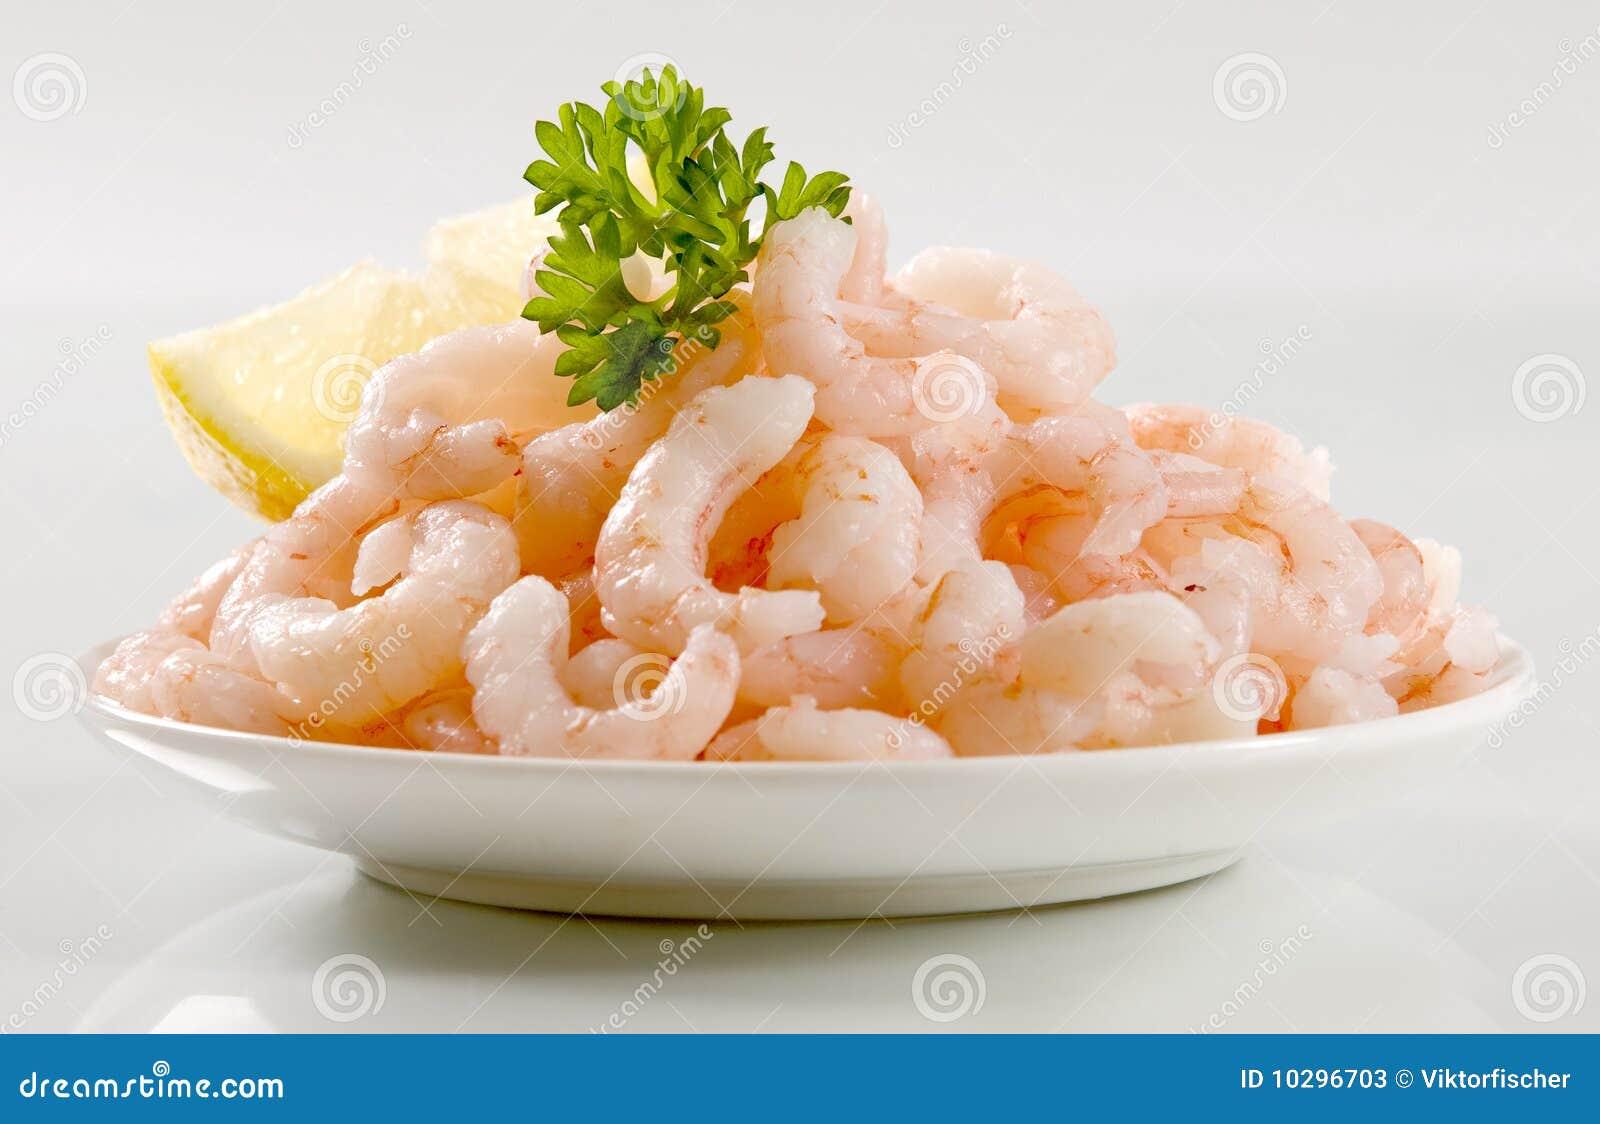 Plateful of shrimps